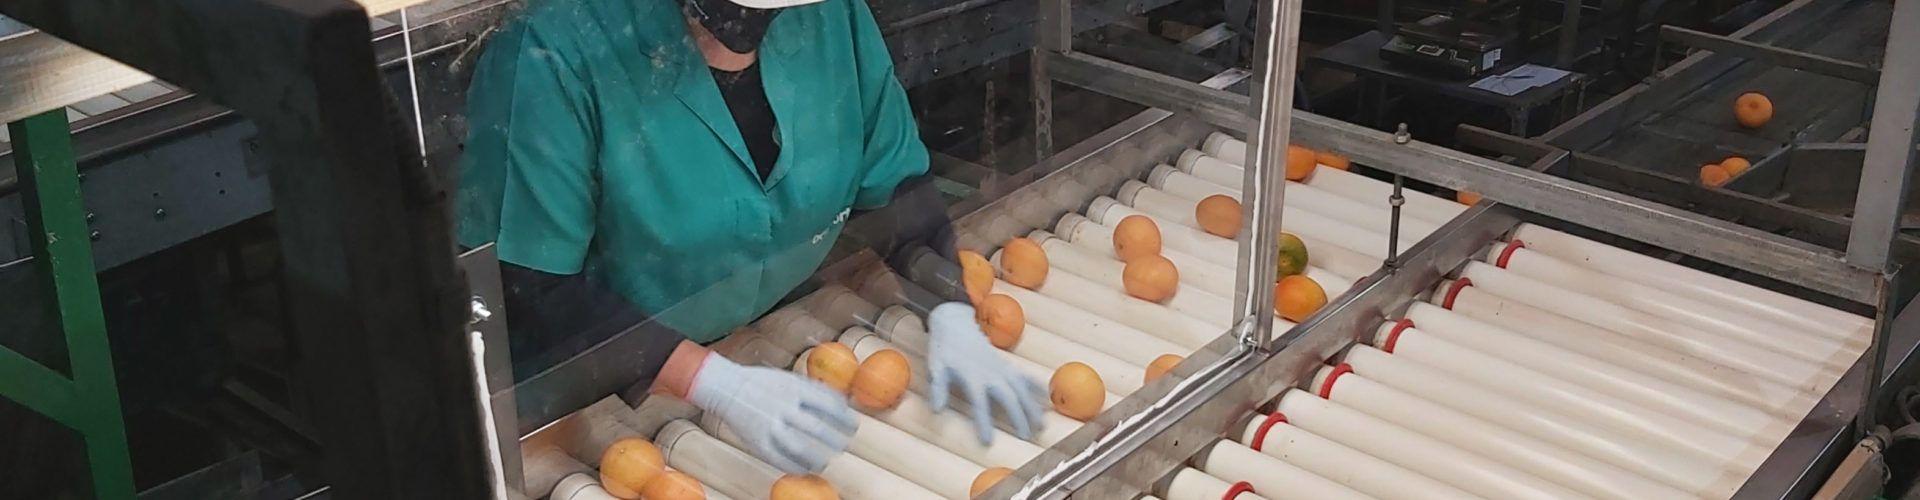 La Cooperativa Agrícola de Benicarló prevé comercializar casi 50.000 toneladas de cítricos de calidad y seguros